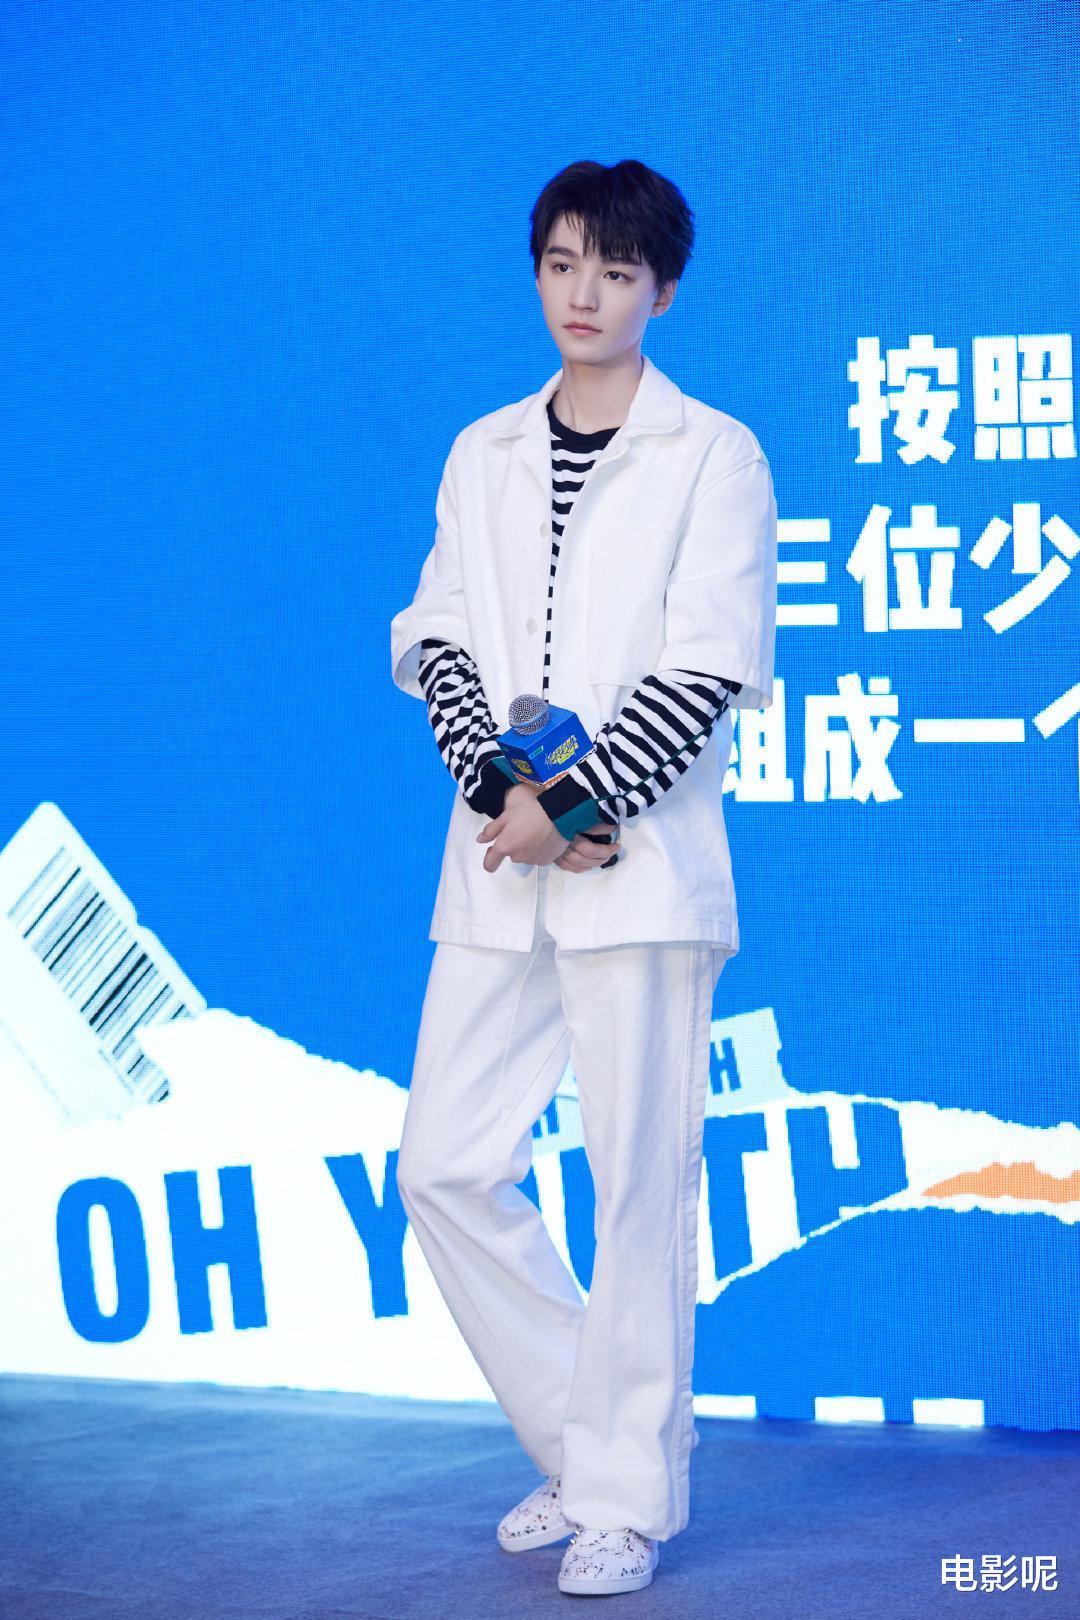 王俊凯新戏好羞耻,在大街上拉绿幕拍摄上厕所的戏份,绝了!